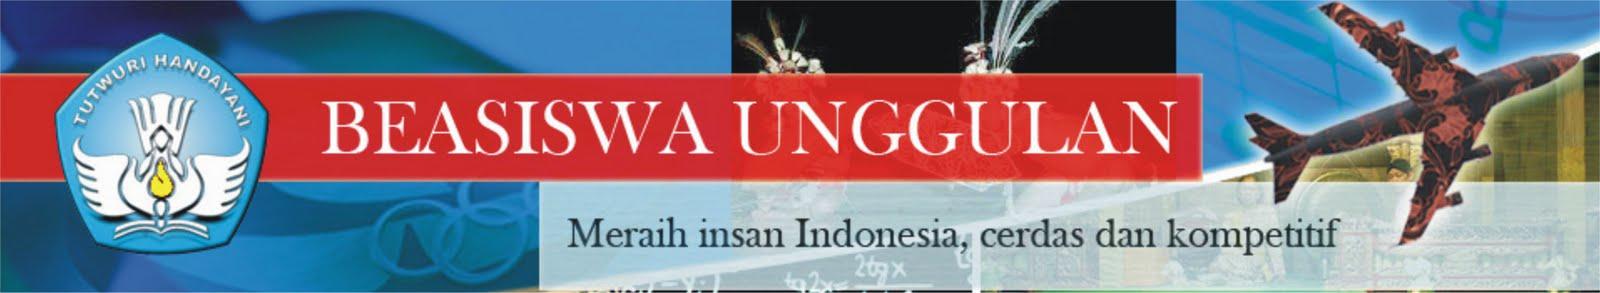 beasiswa-unggulan1